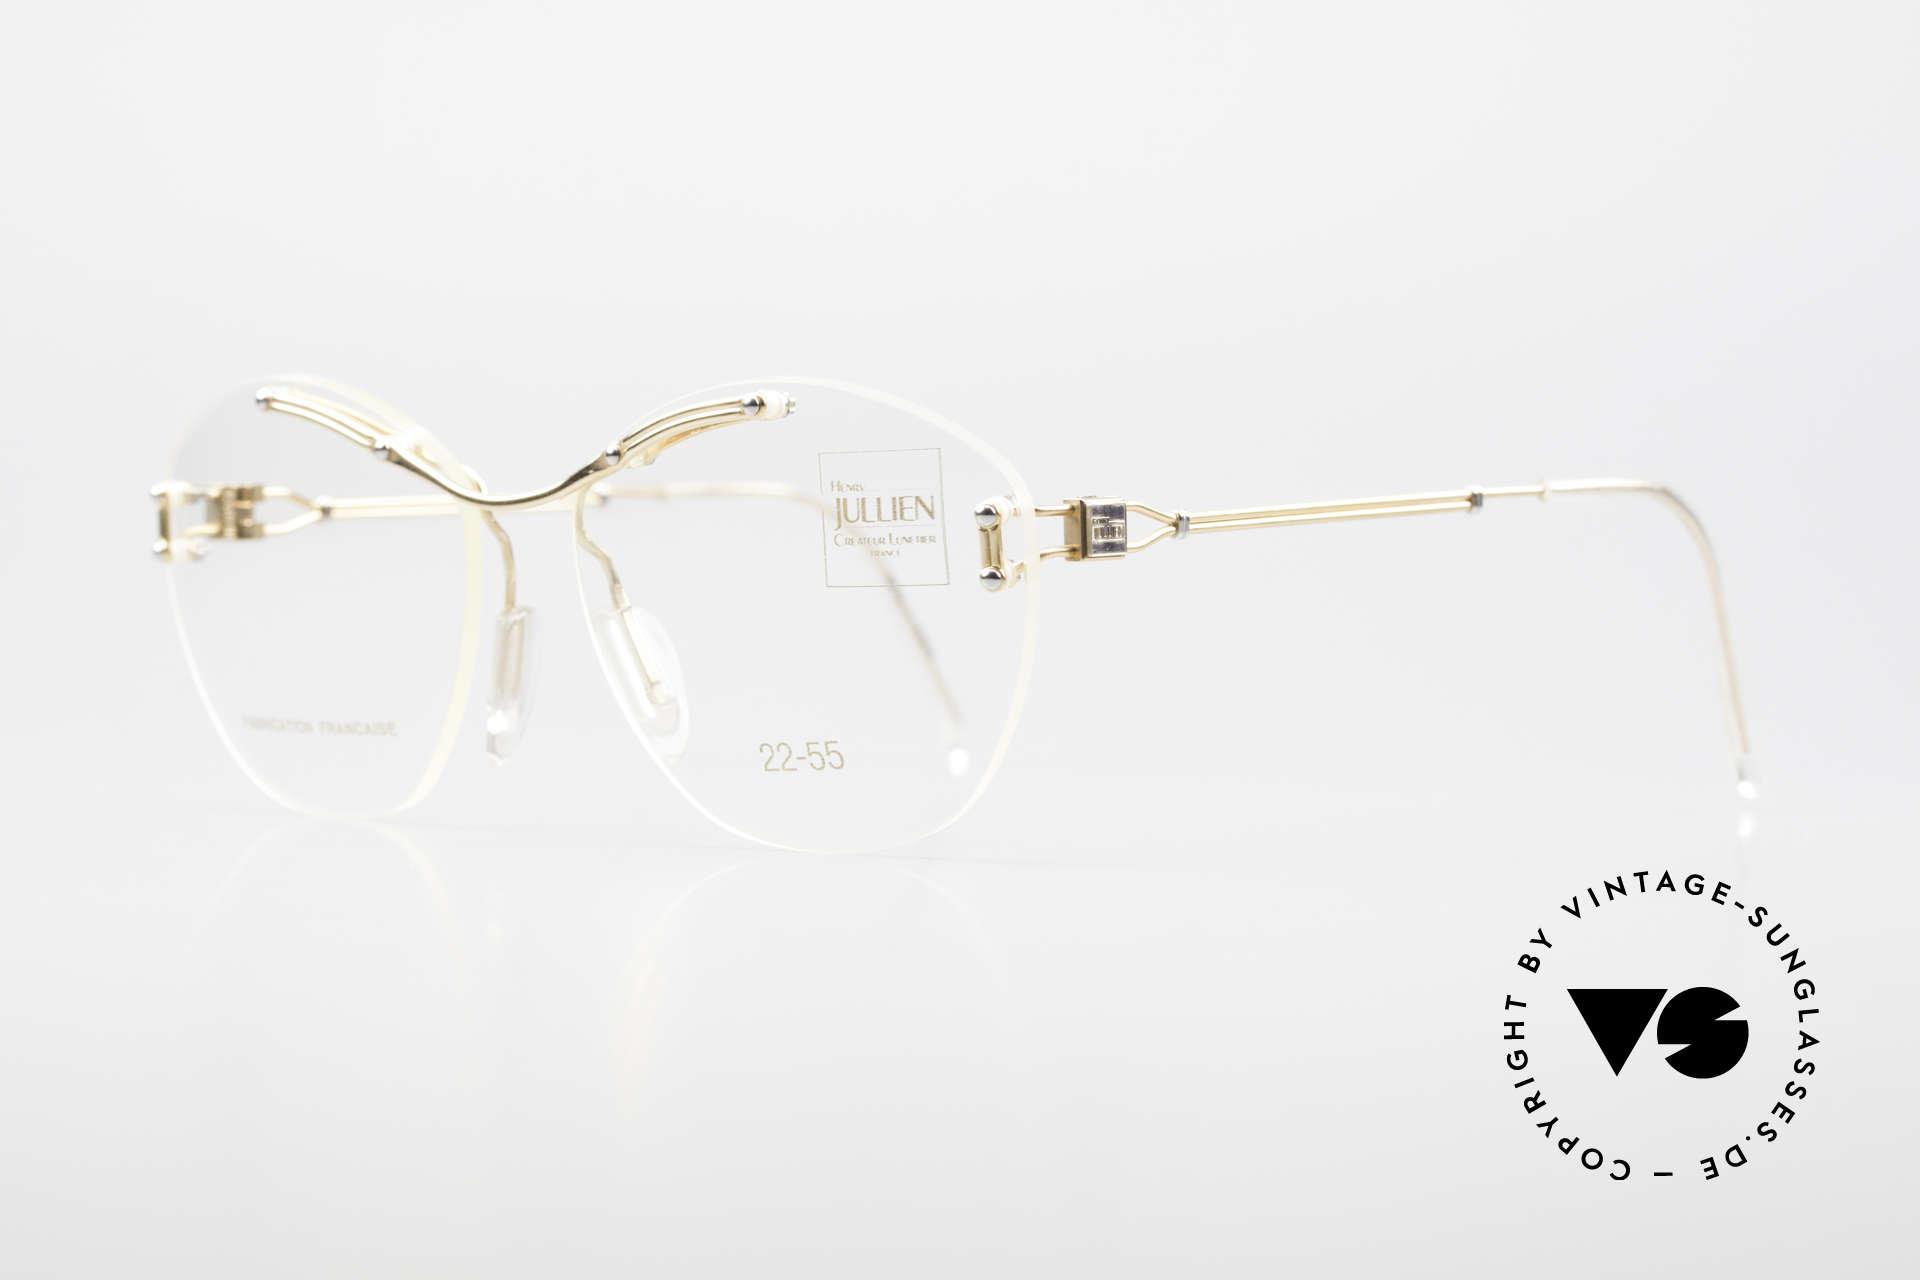 Henry Jullien Melrose 2255 Randlose Vintage Damenbrille, ungetragen (wie alle unsere edlen vintage Brillen), Passend für Damen